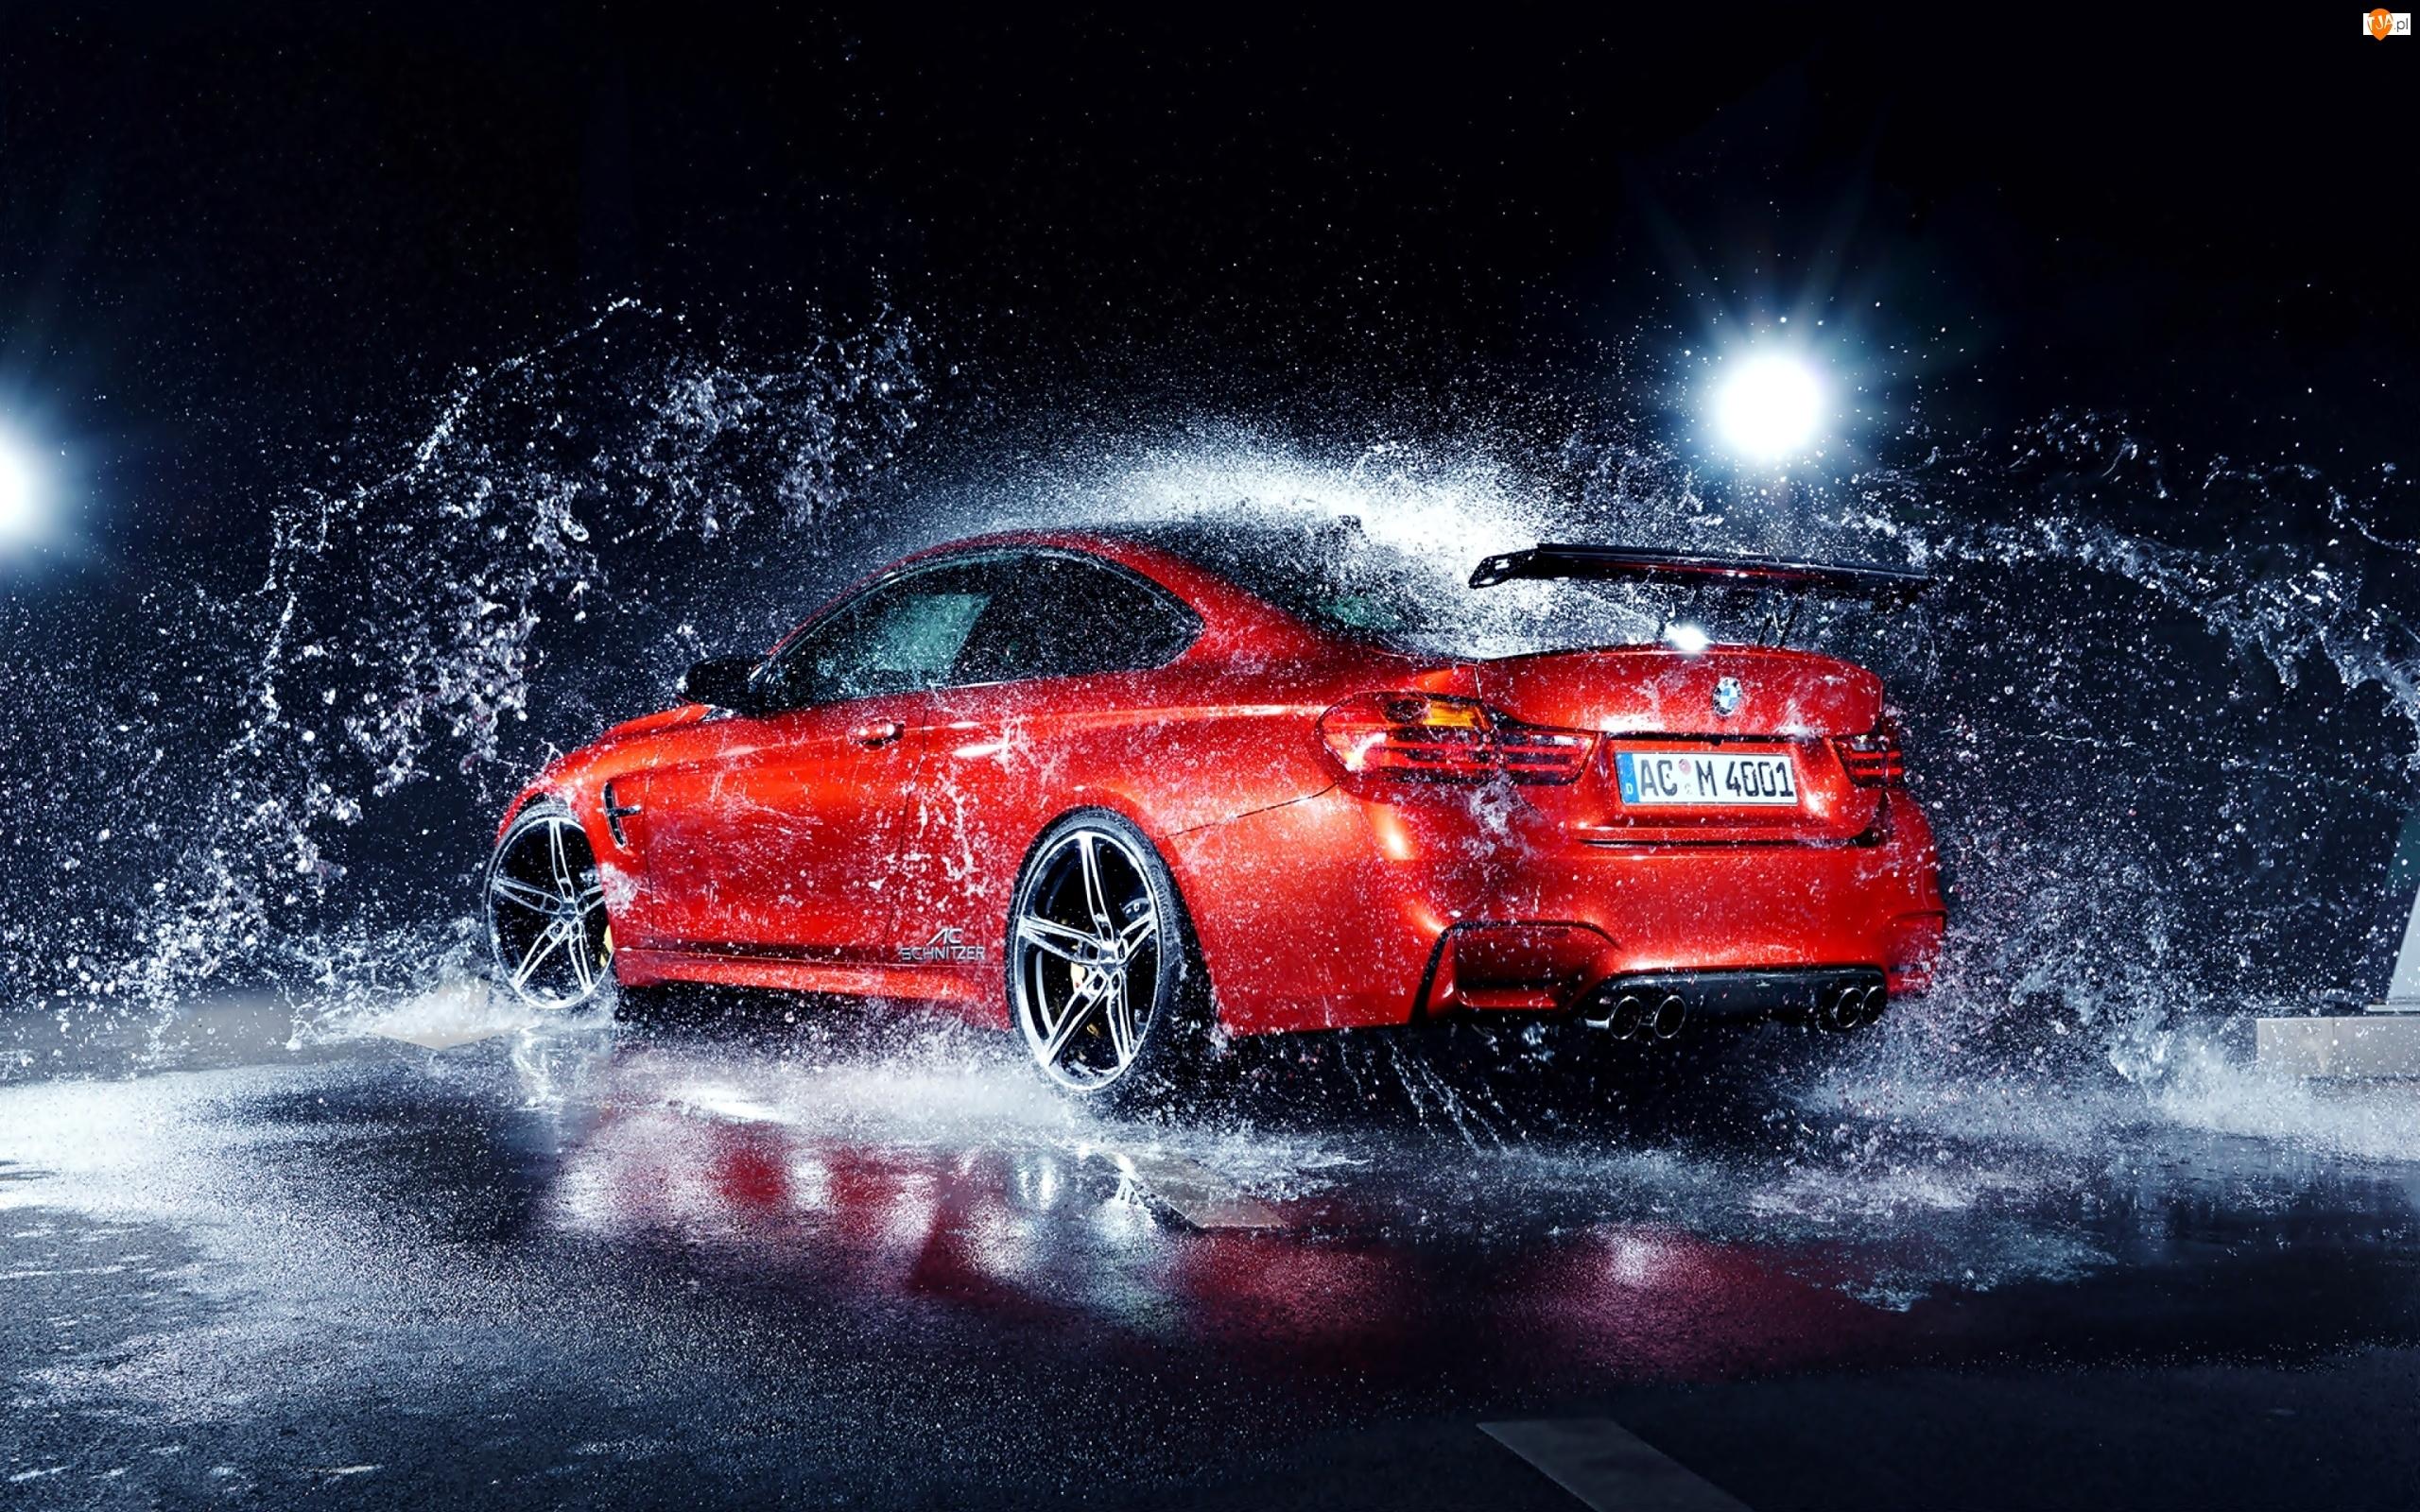 Krople, M4, Samochód, Czerwony, Rozbryzg, BMW, Woda